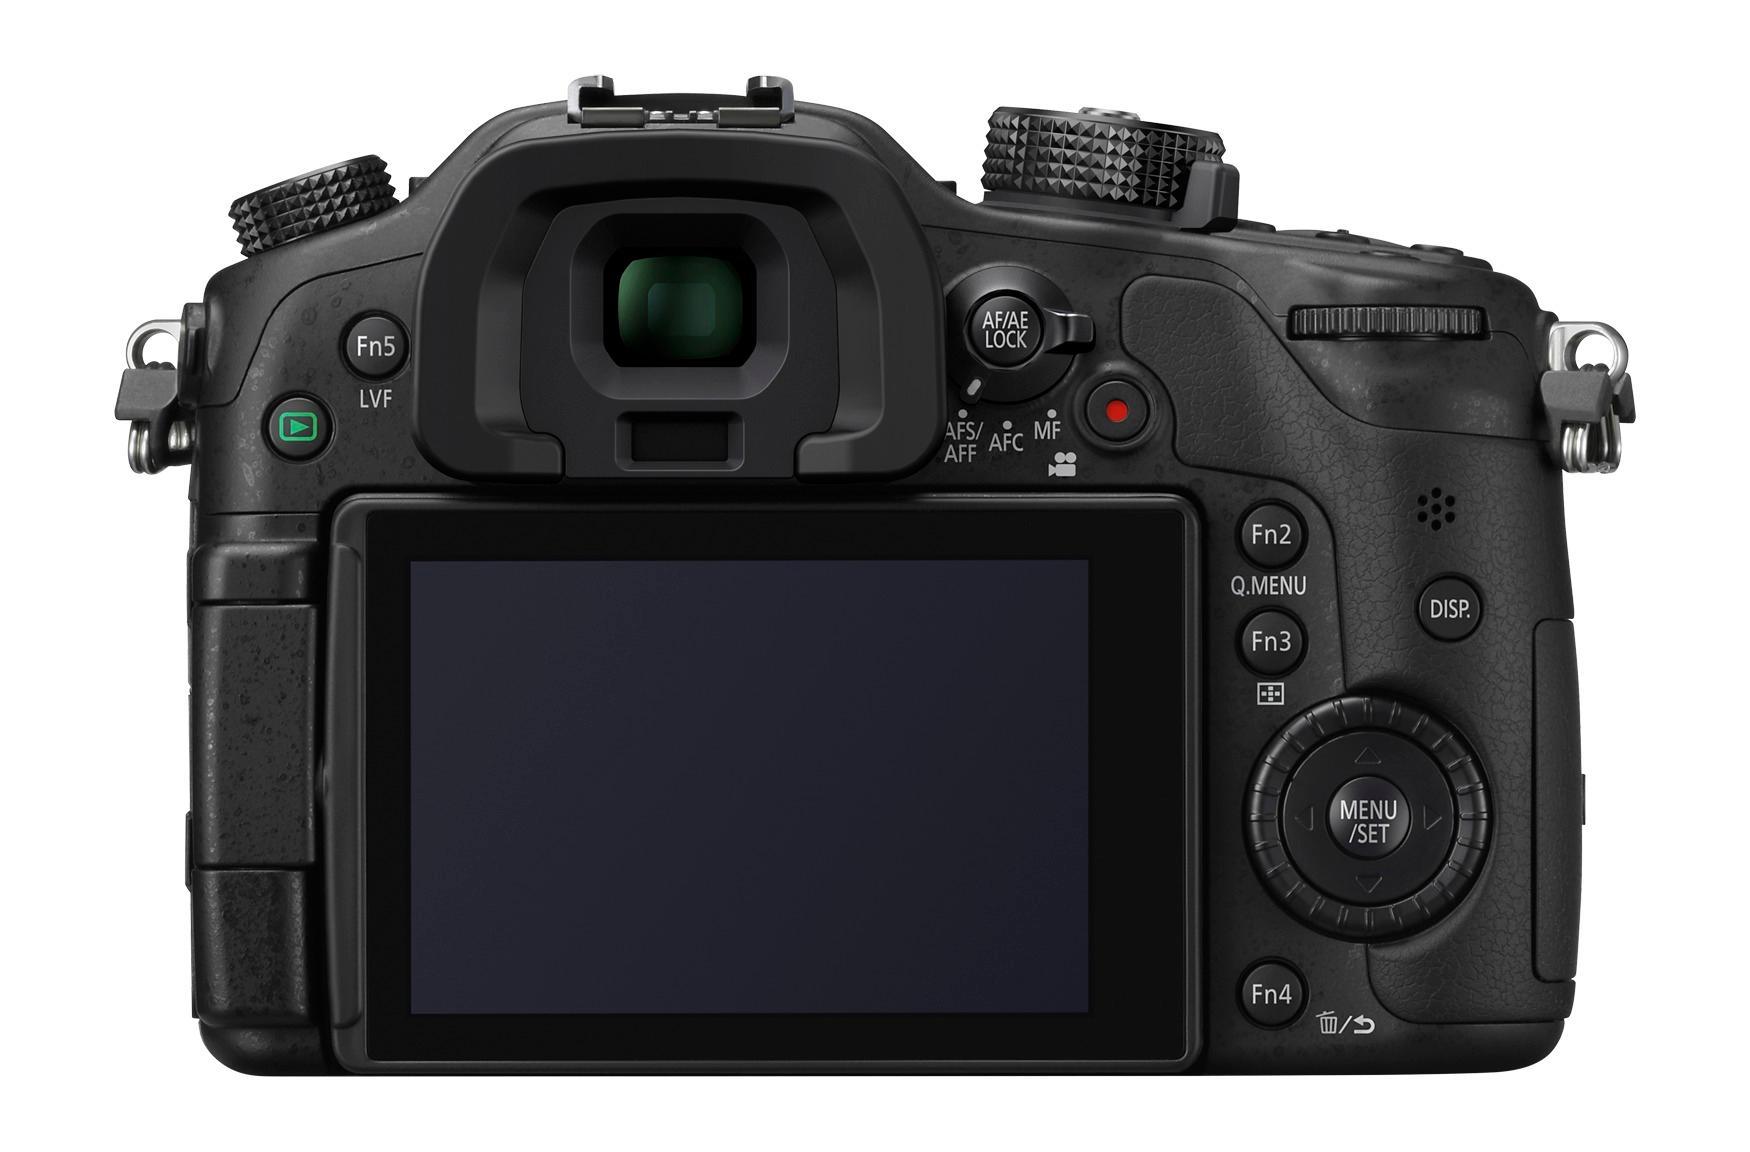 Panasonic--Lumix-GH4-Mirrorless